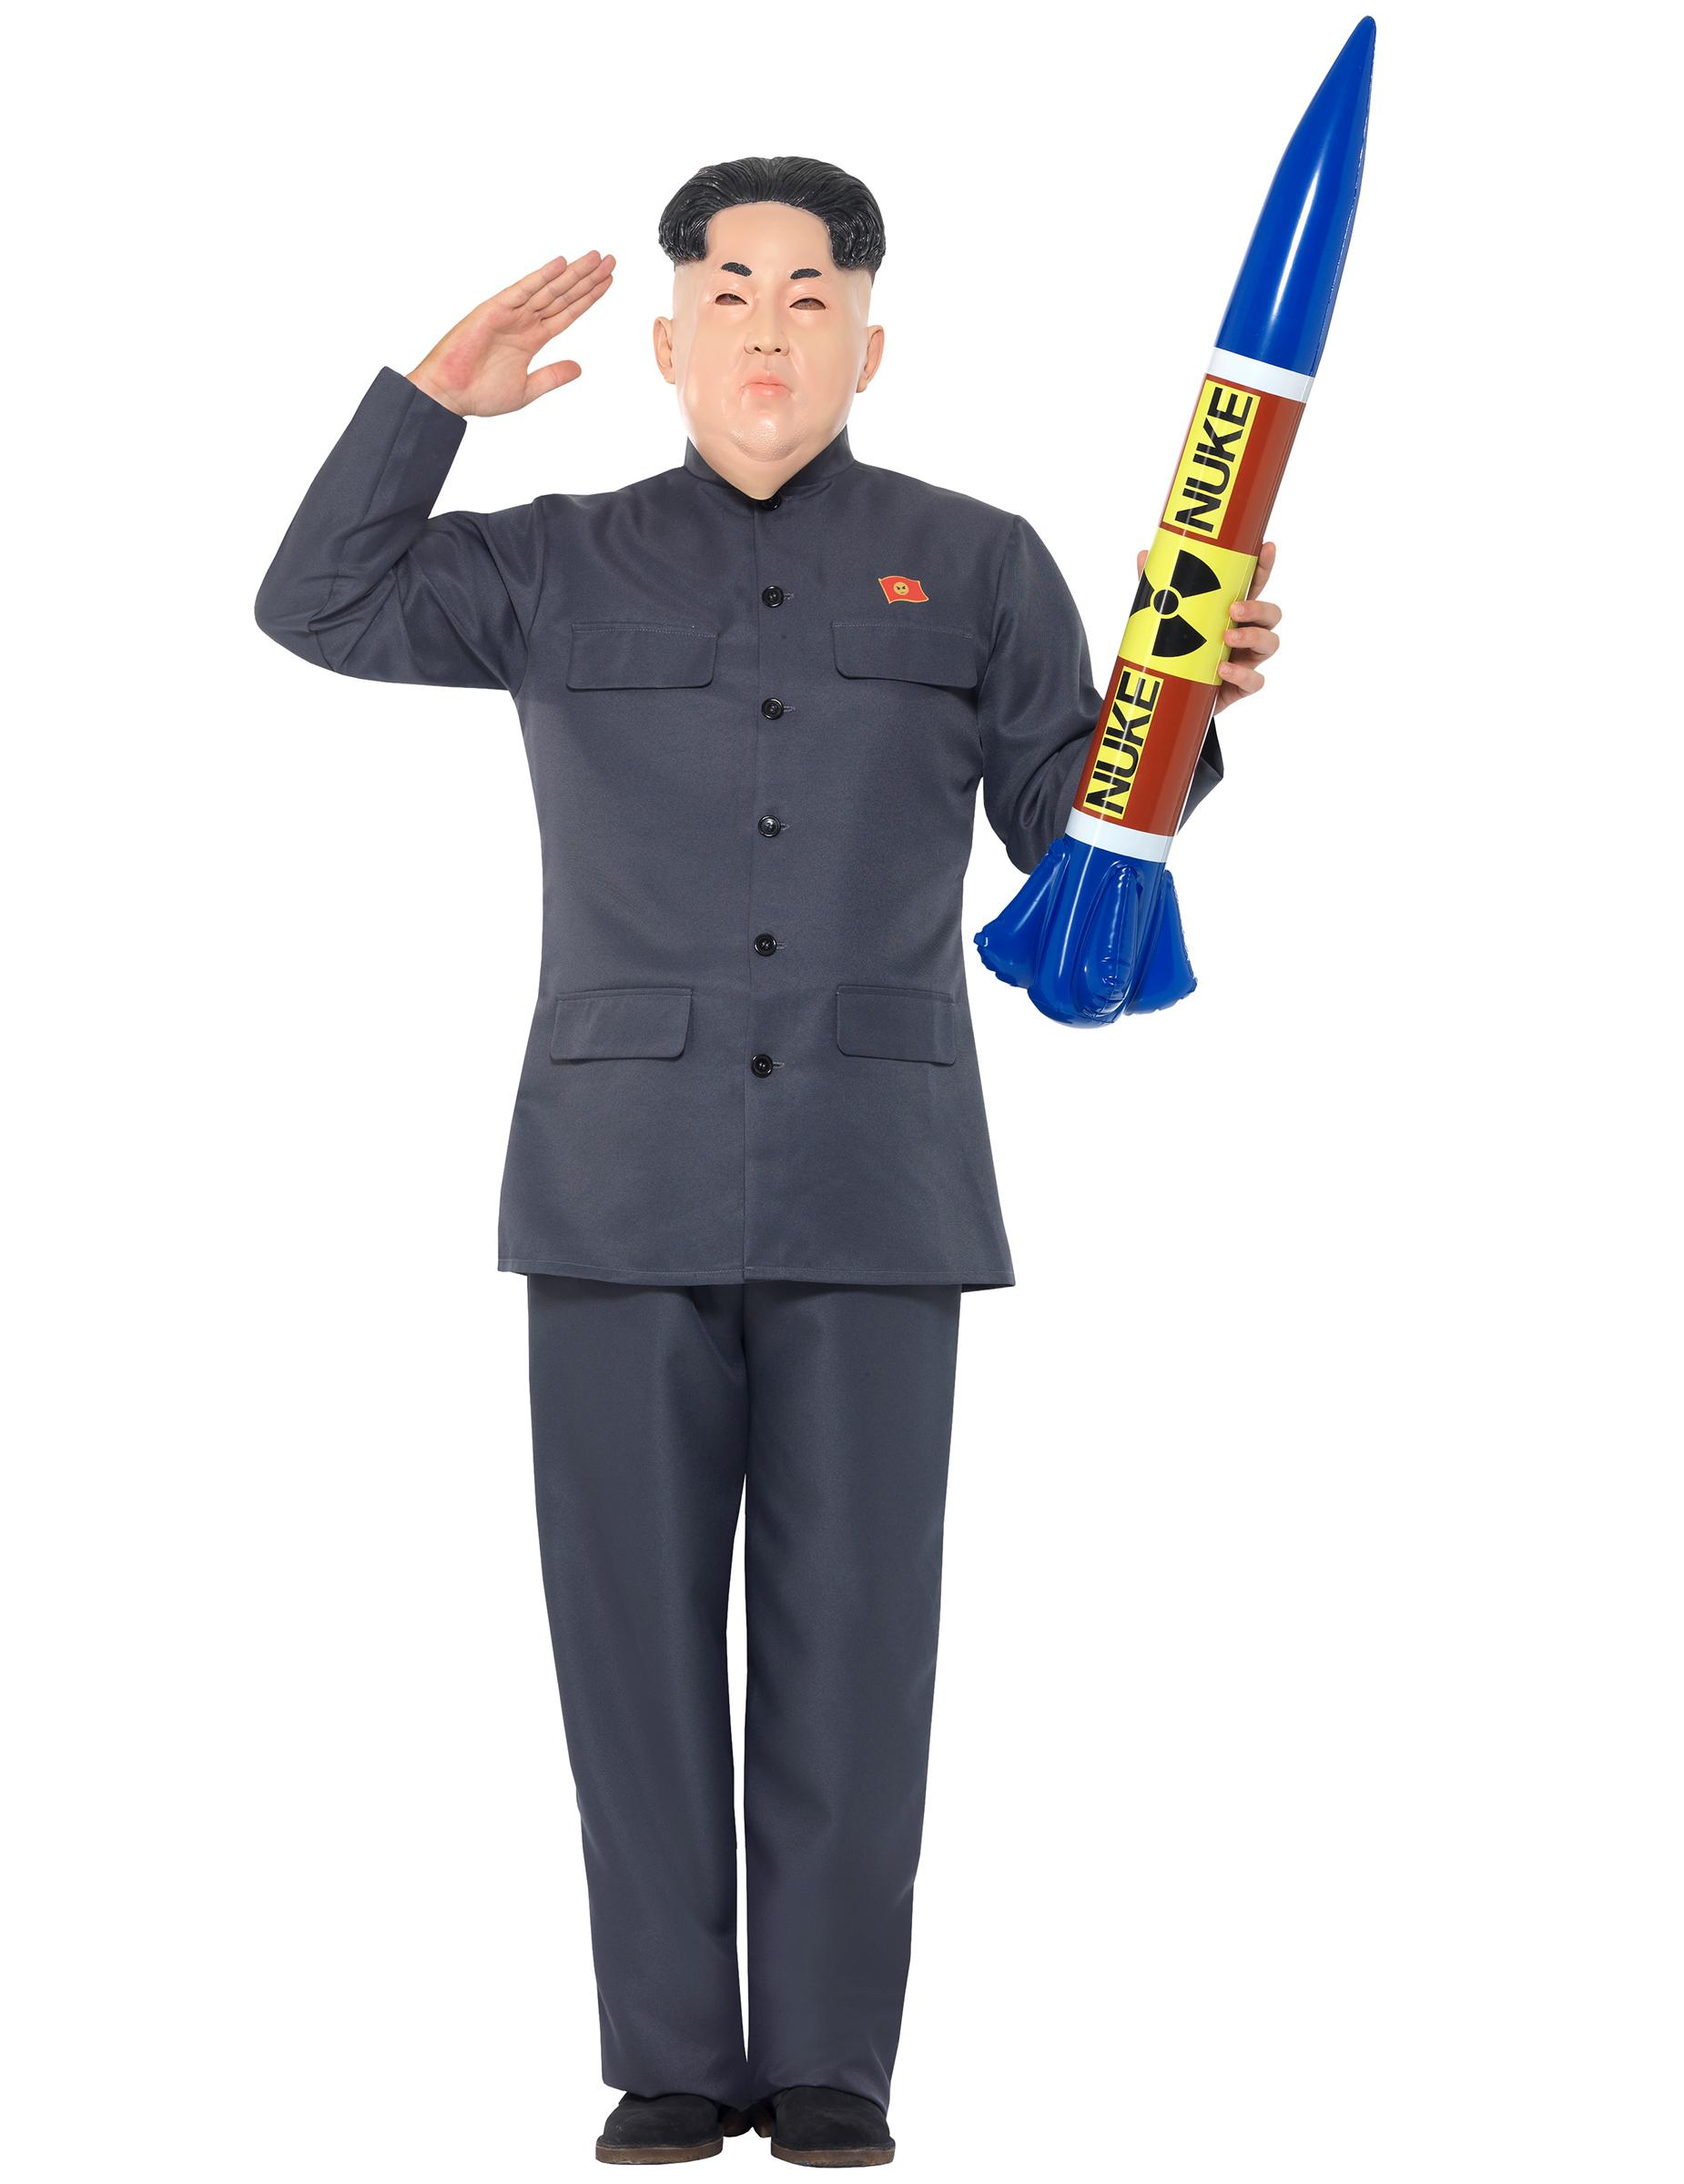 Nordkoreanischer Diktator Kostüm für Erwachsene - L 274302